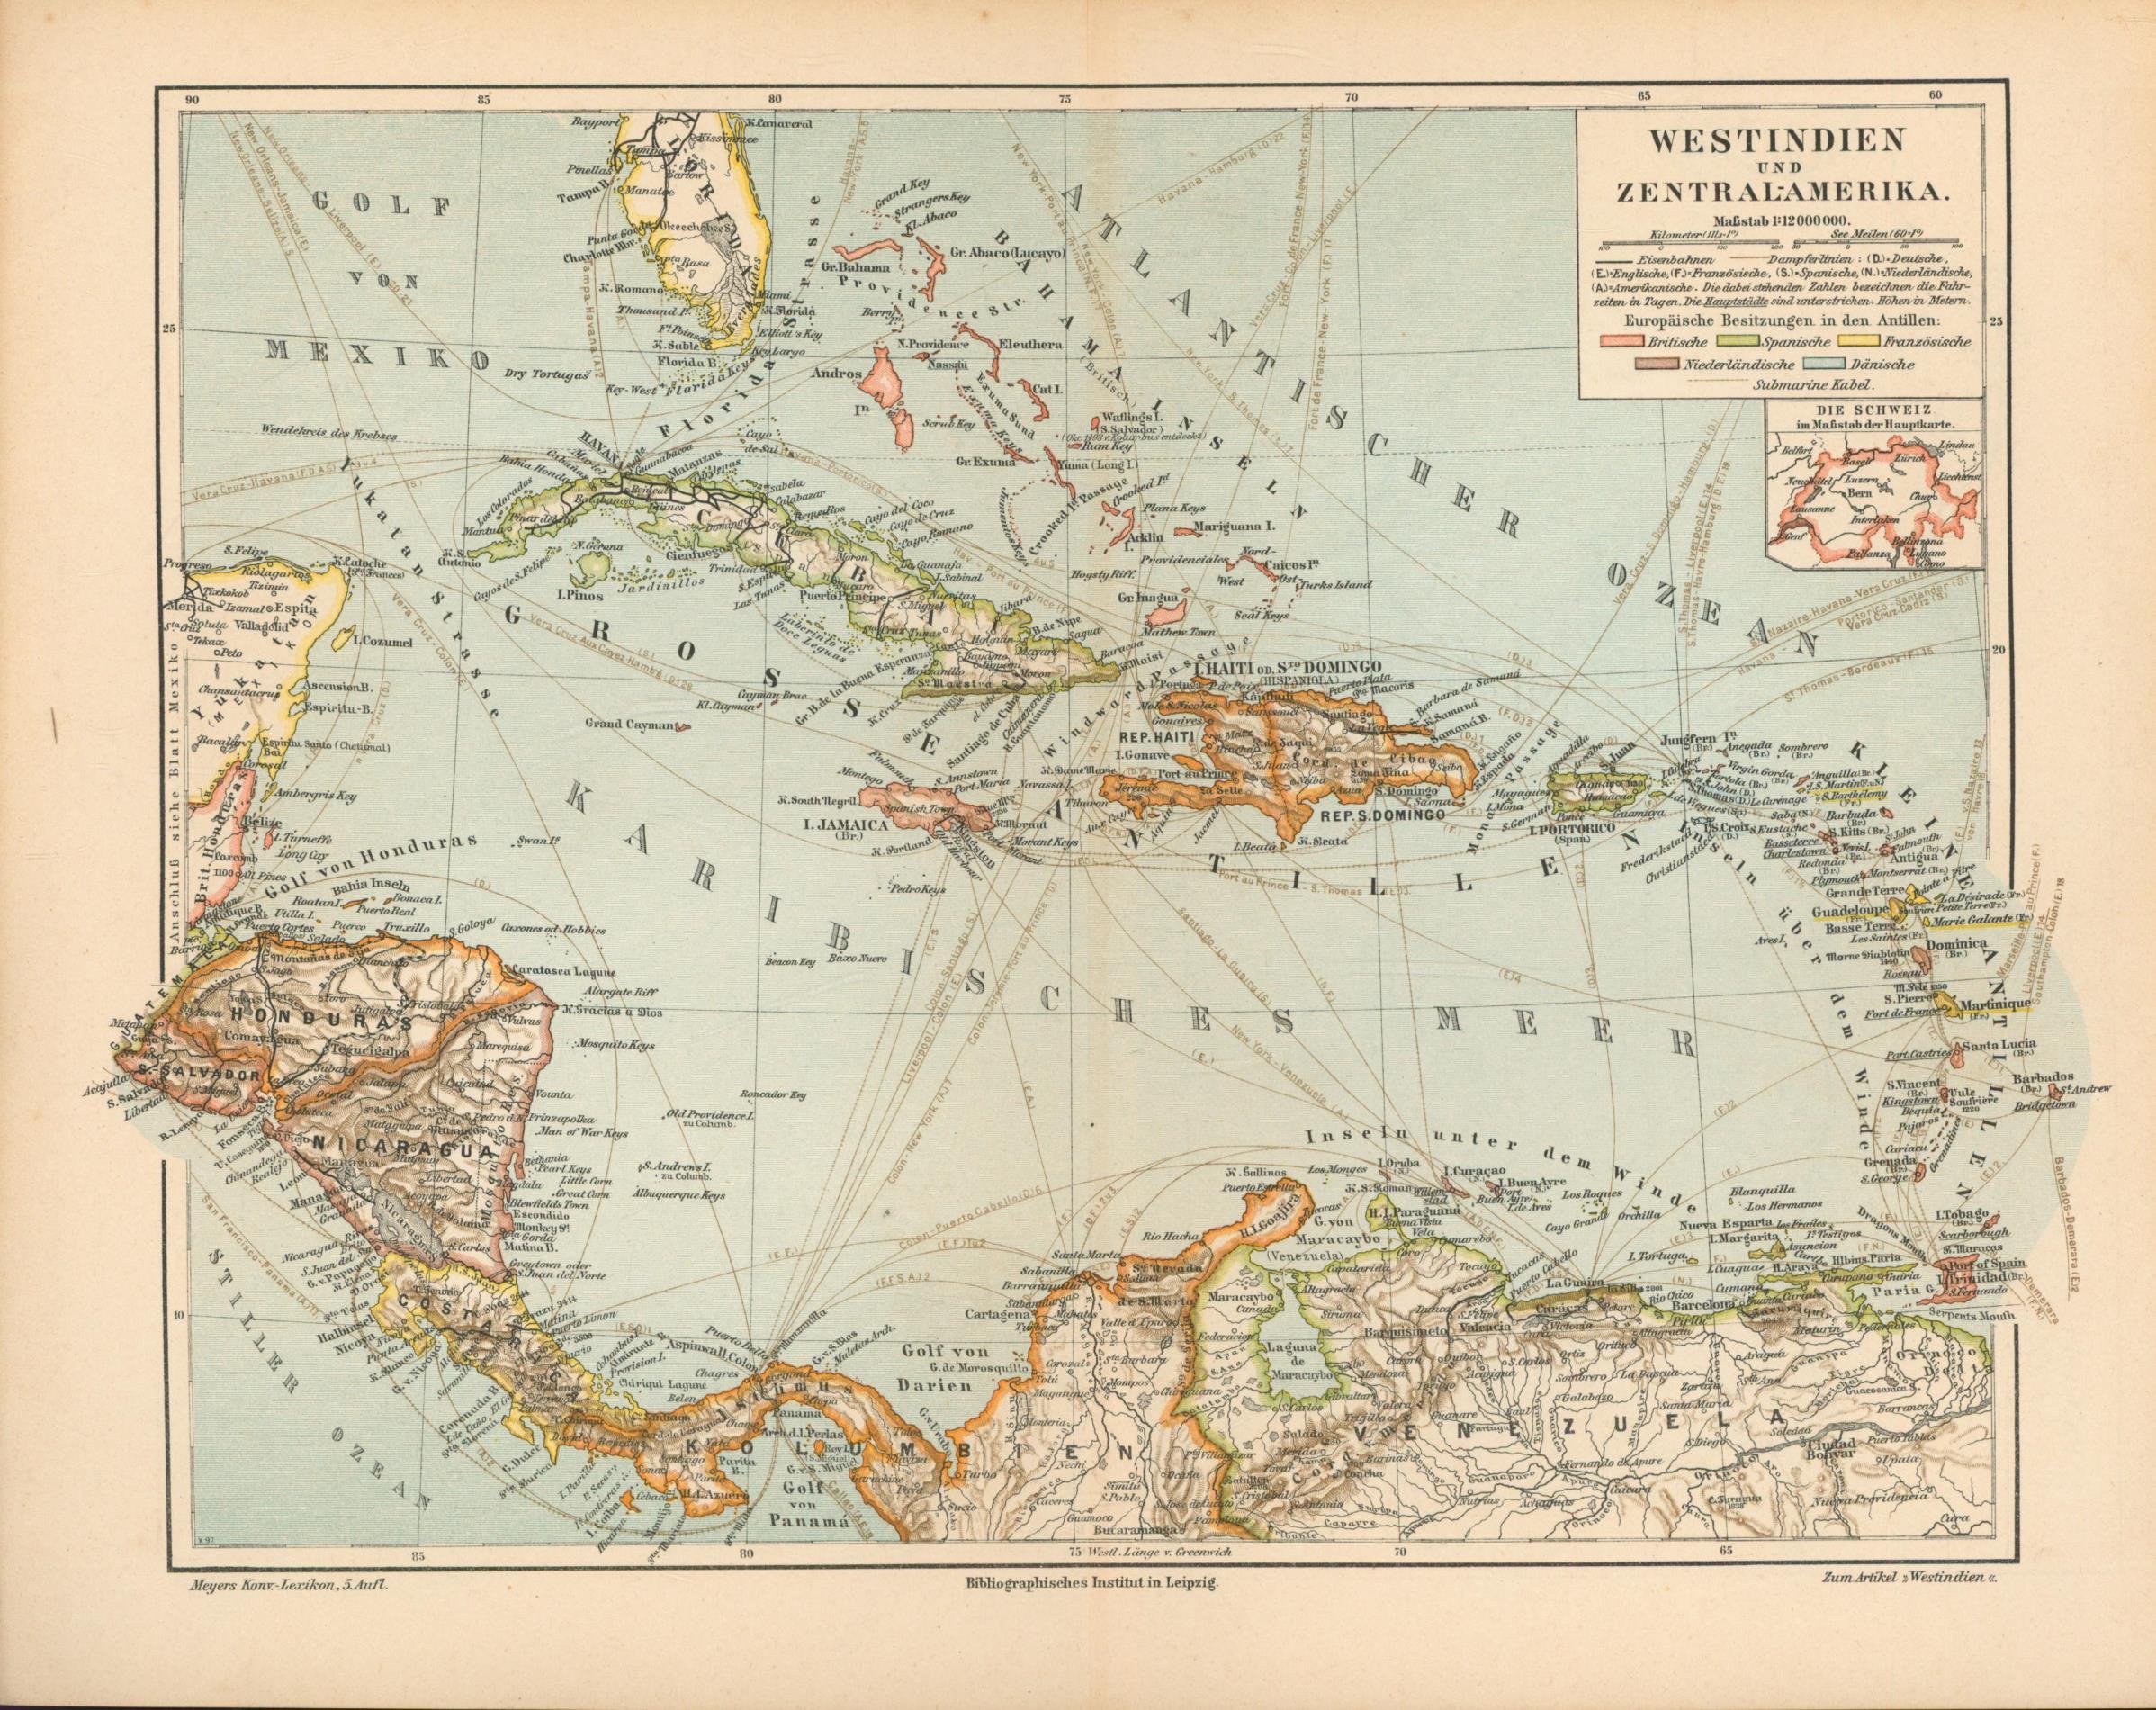 Westindien und Zentralamerika von 1897,Maßstab 1:12.000.000: Historische Landkarte KEIN